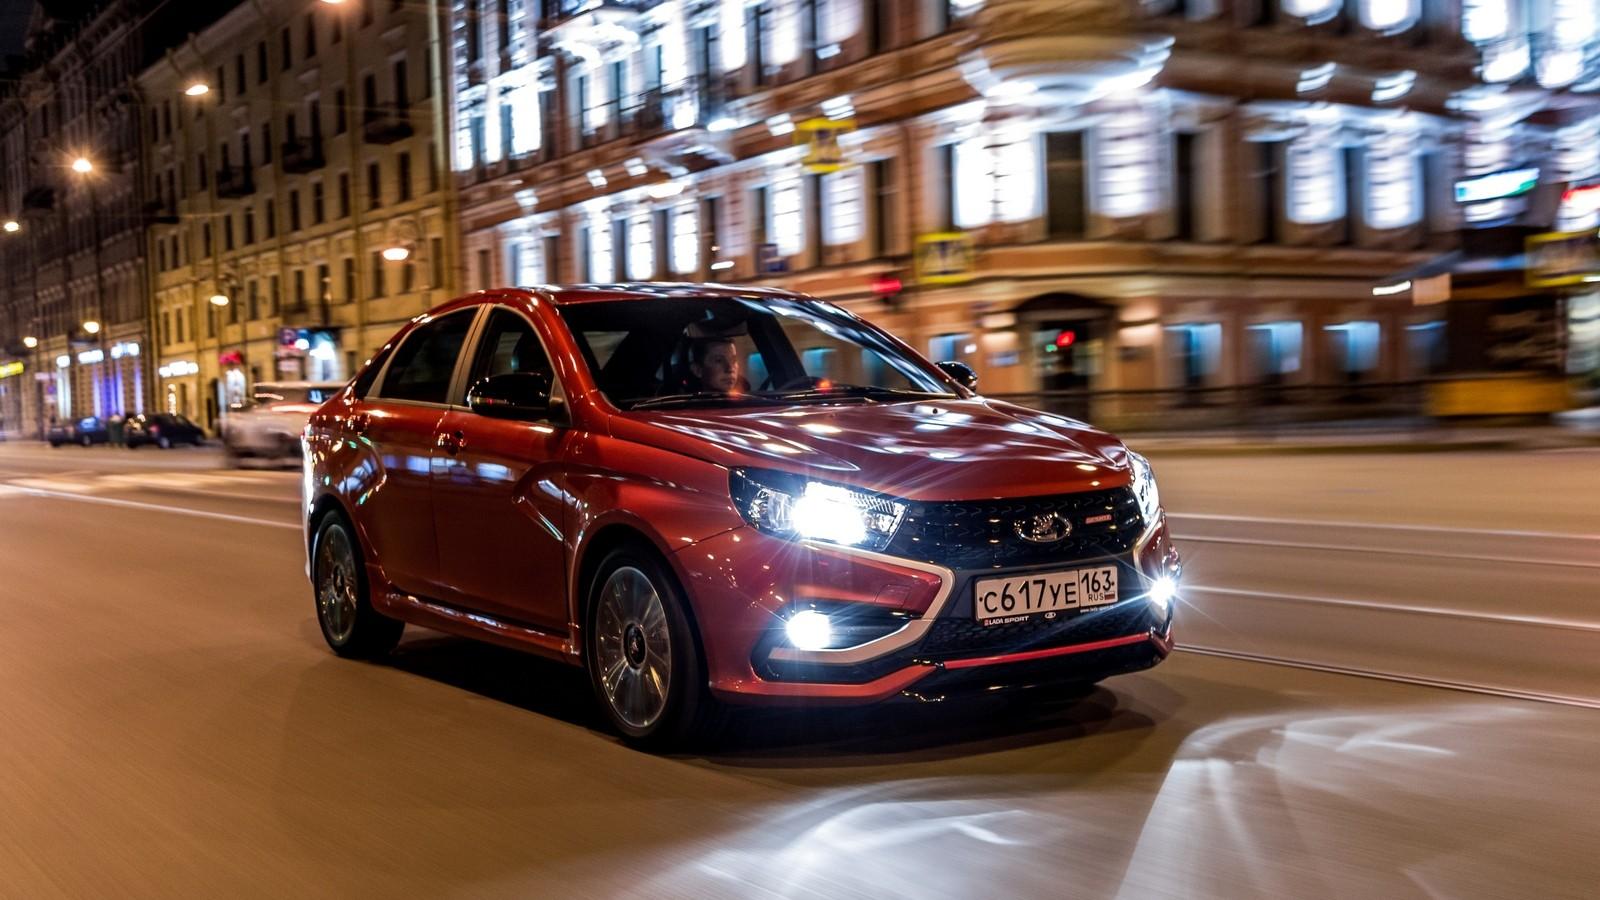 Lada_Vesta_Sport красная в ночном городе (2)